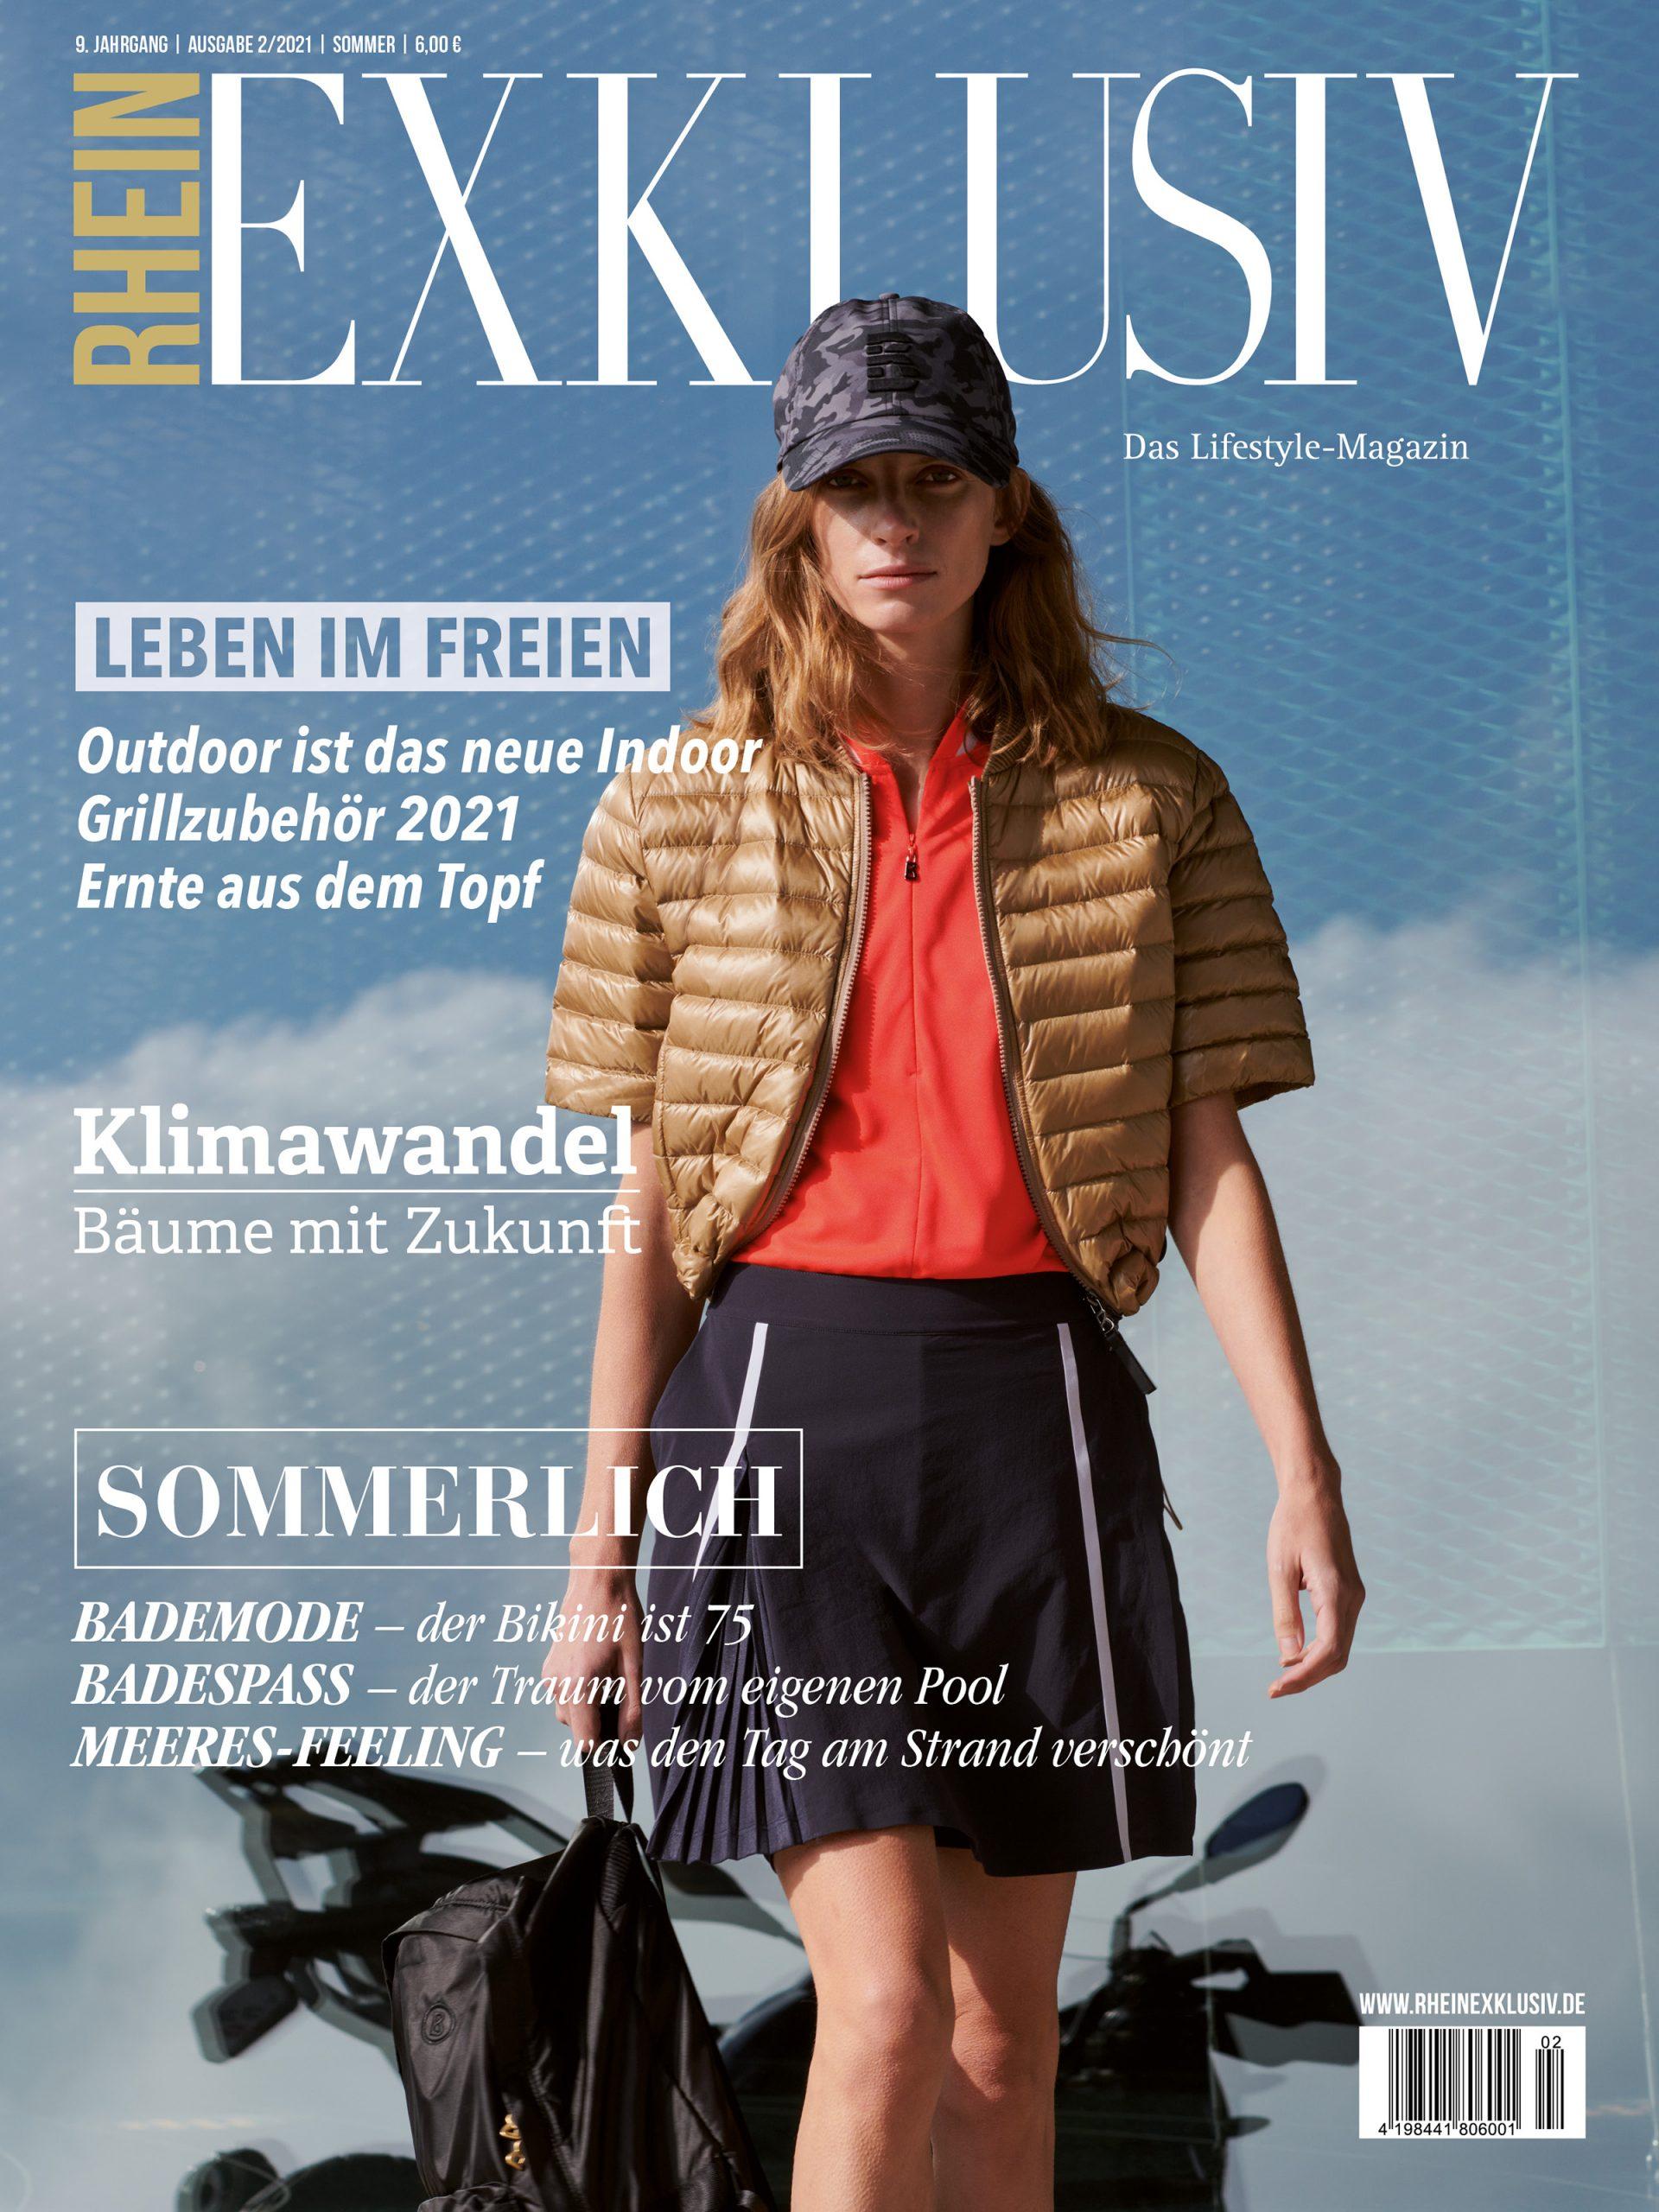 RHEINexklusiv Magazin Sommer 2021